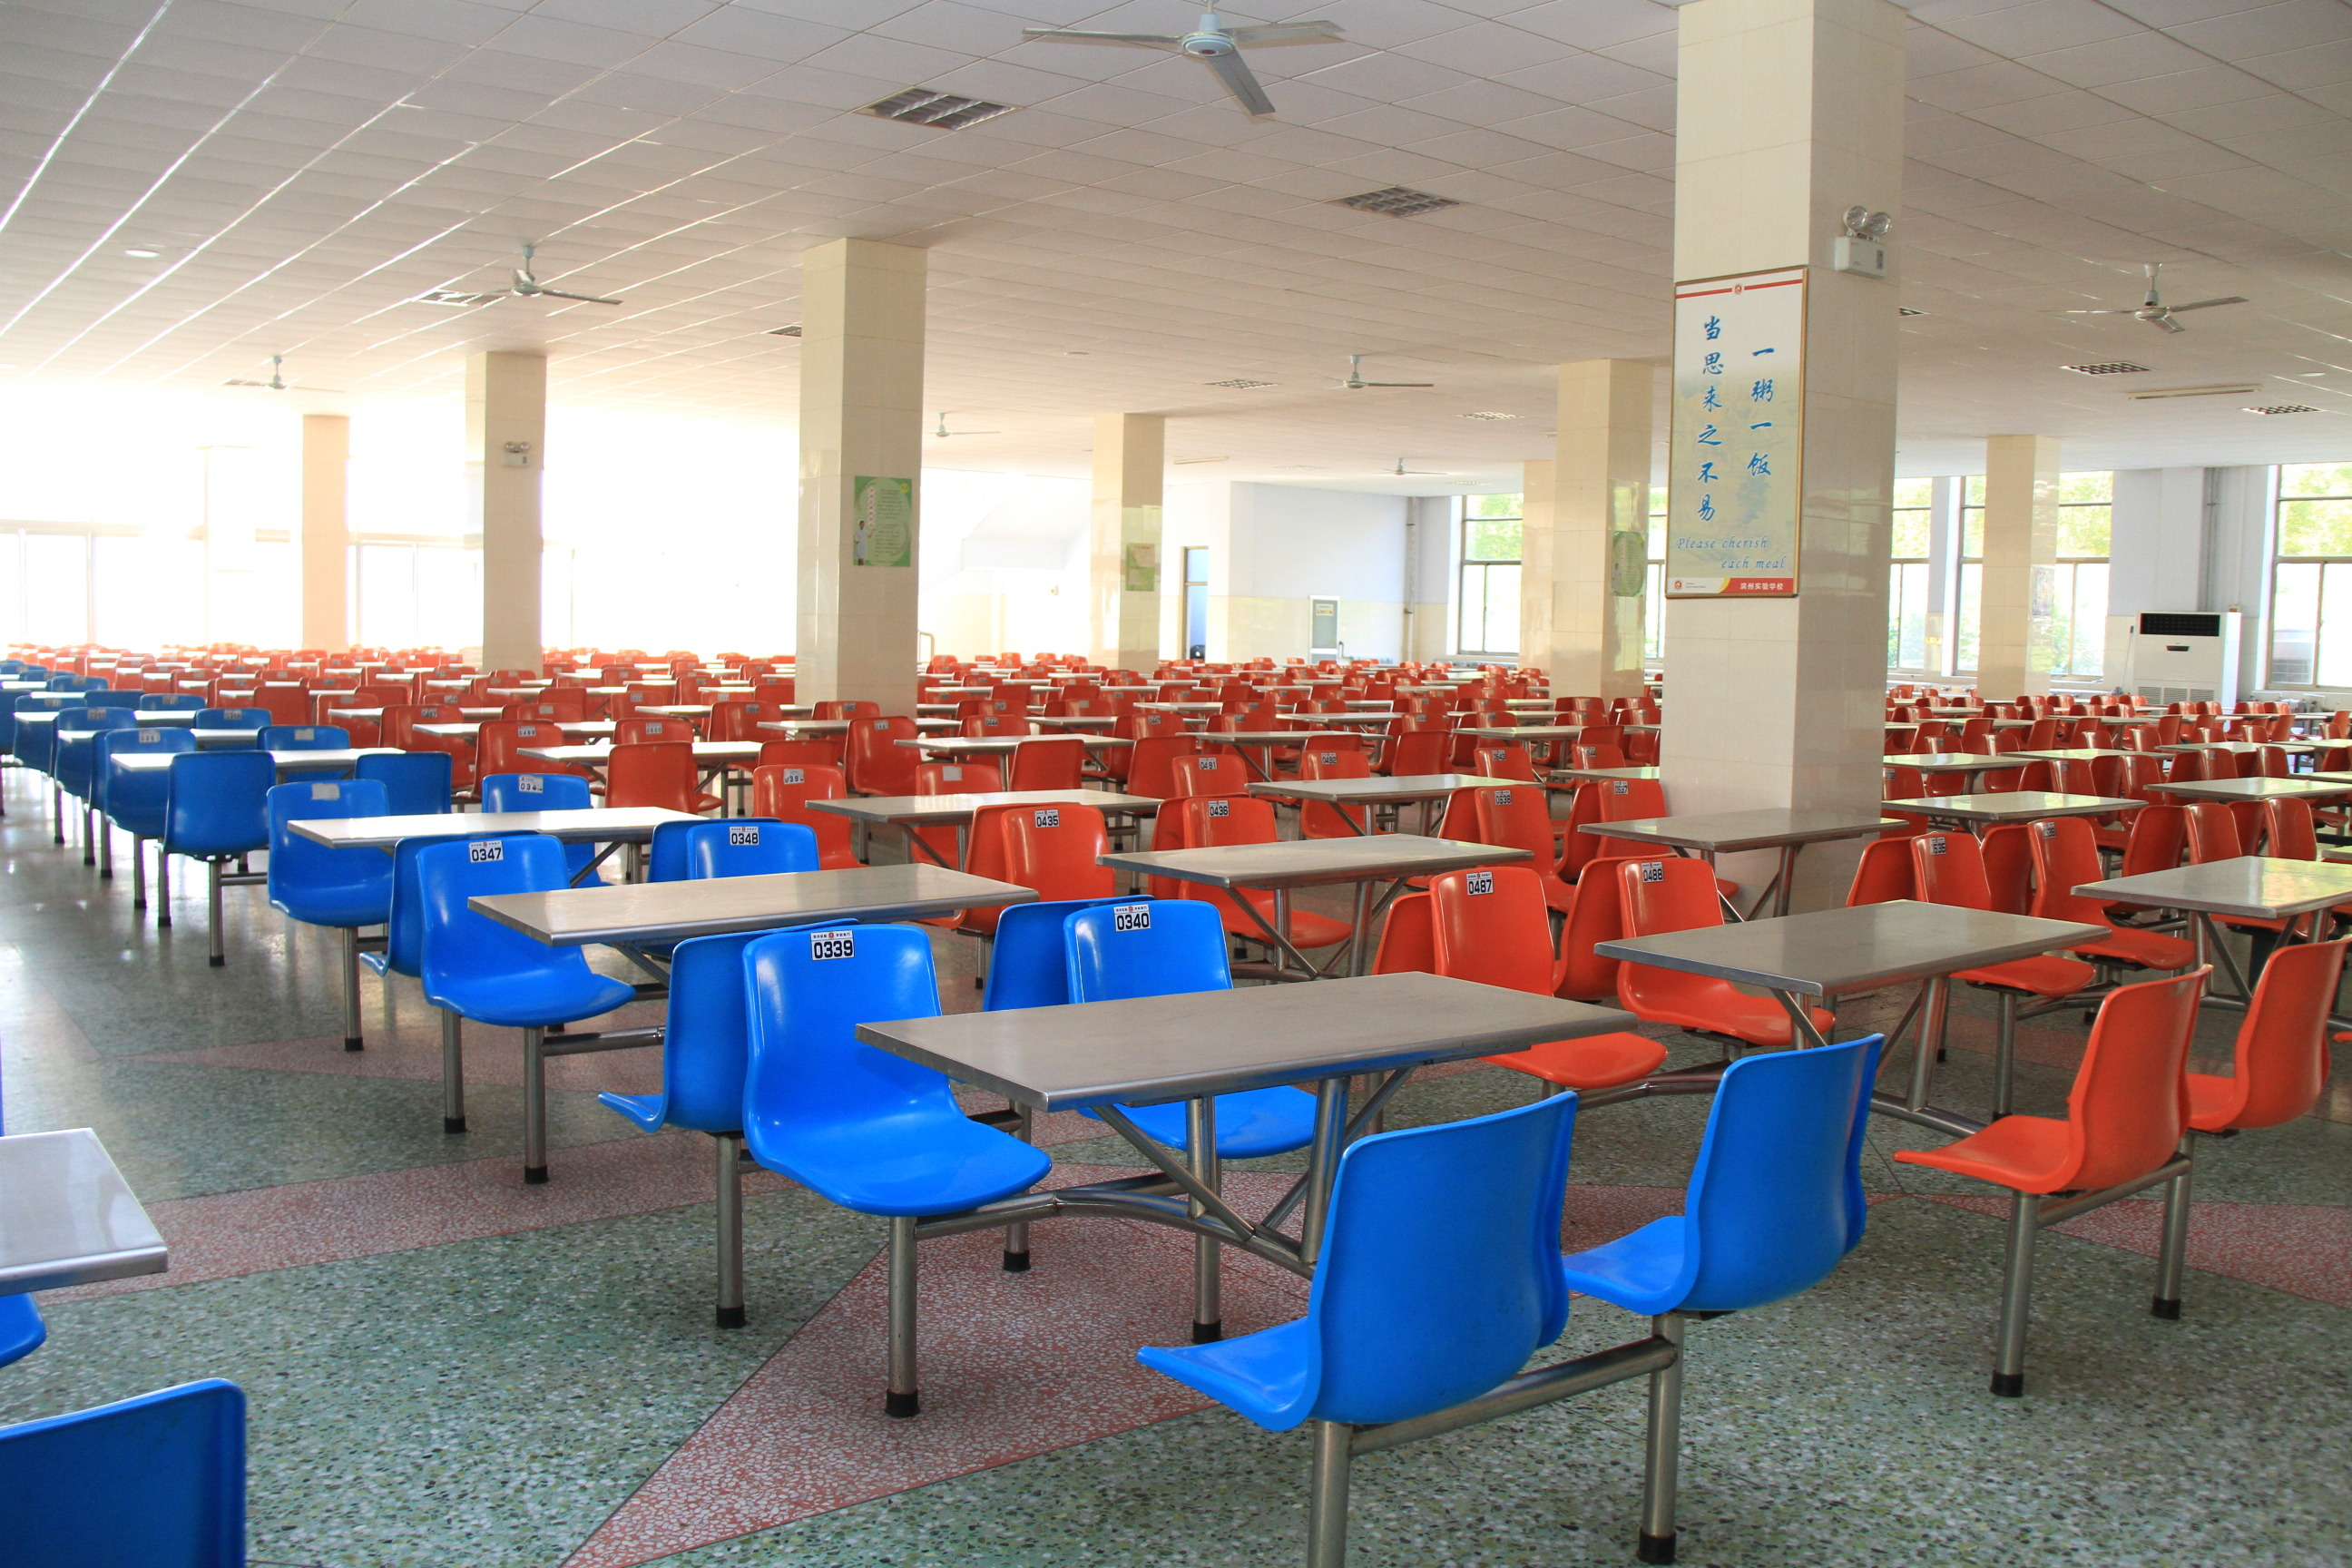 放心食堂 > 正文   为给学生提供安全卫生的生活环境,滨州市结合农村